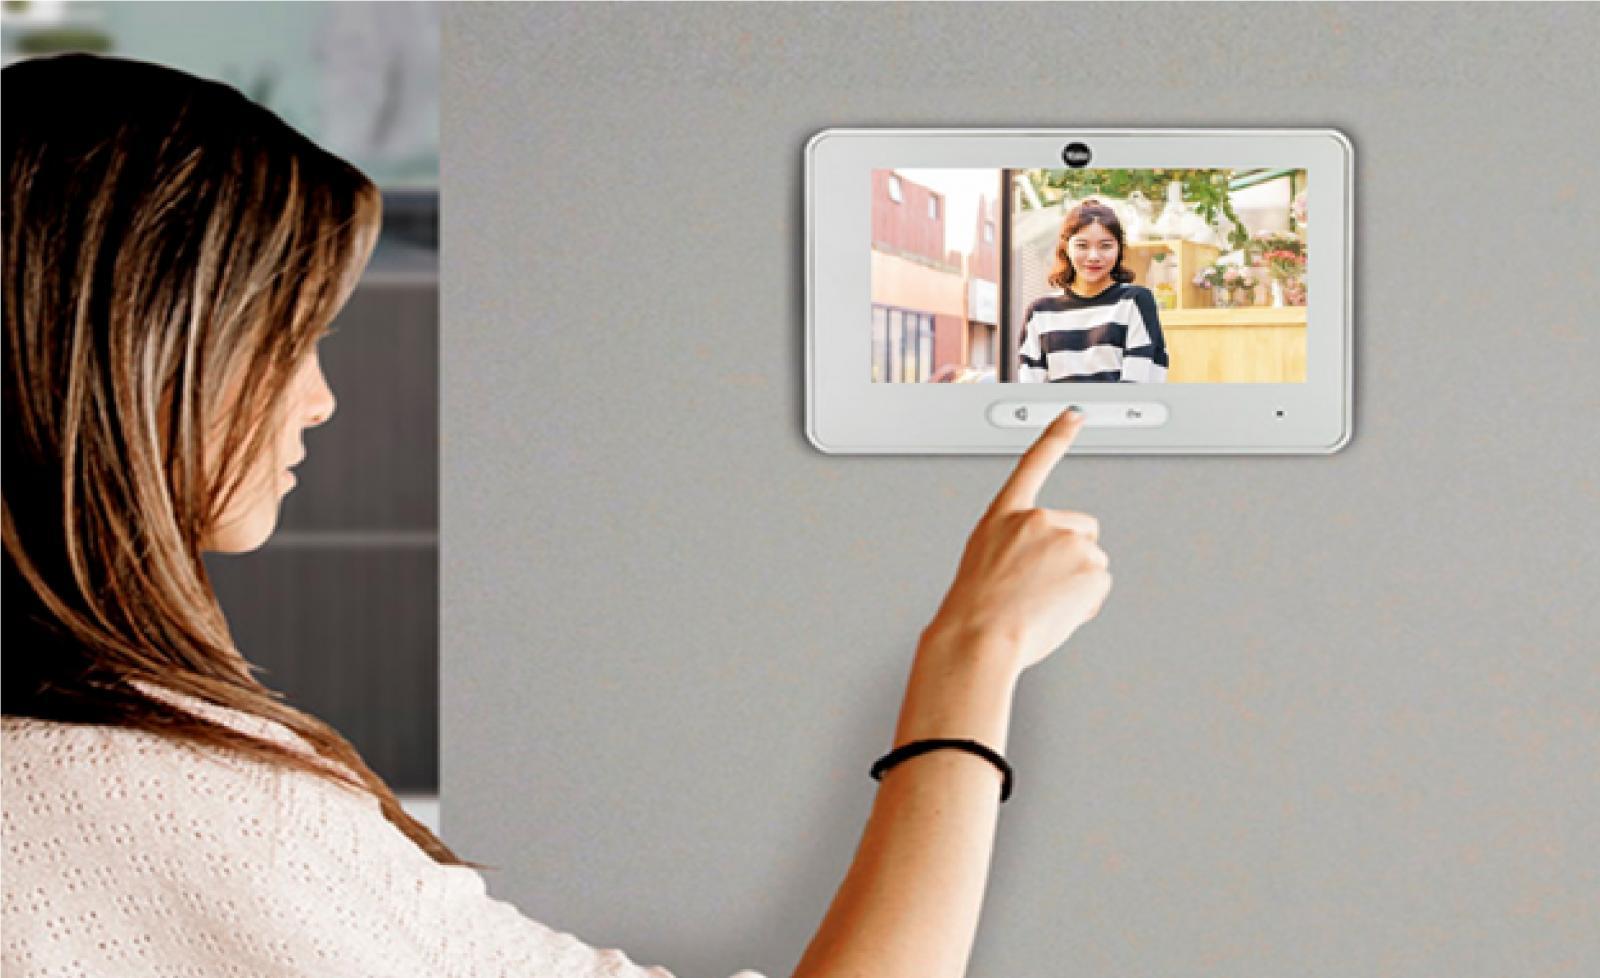 Hình ảnh người phụ nữ đang dùng tay sử dụng hệ thống Face ID tại căn hộ